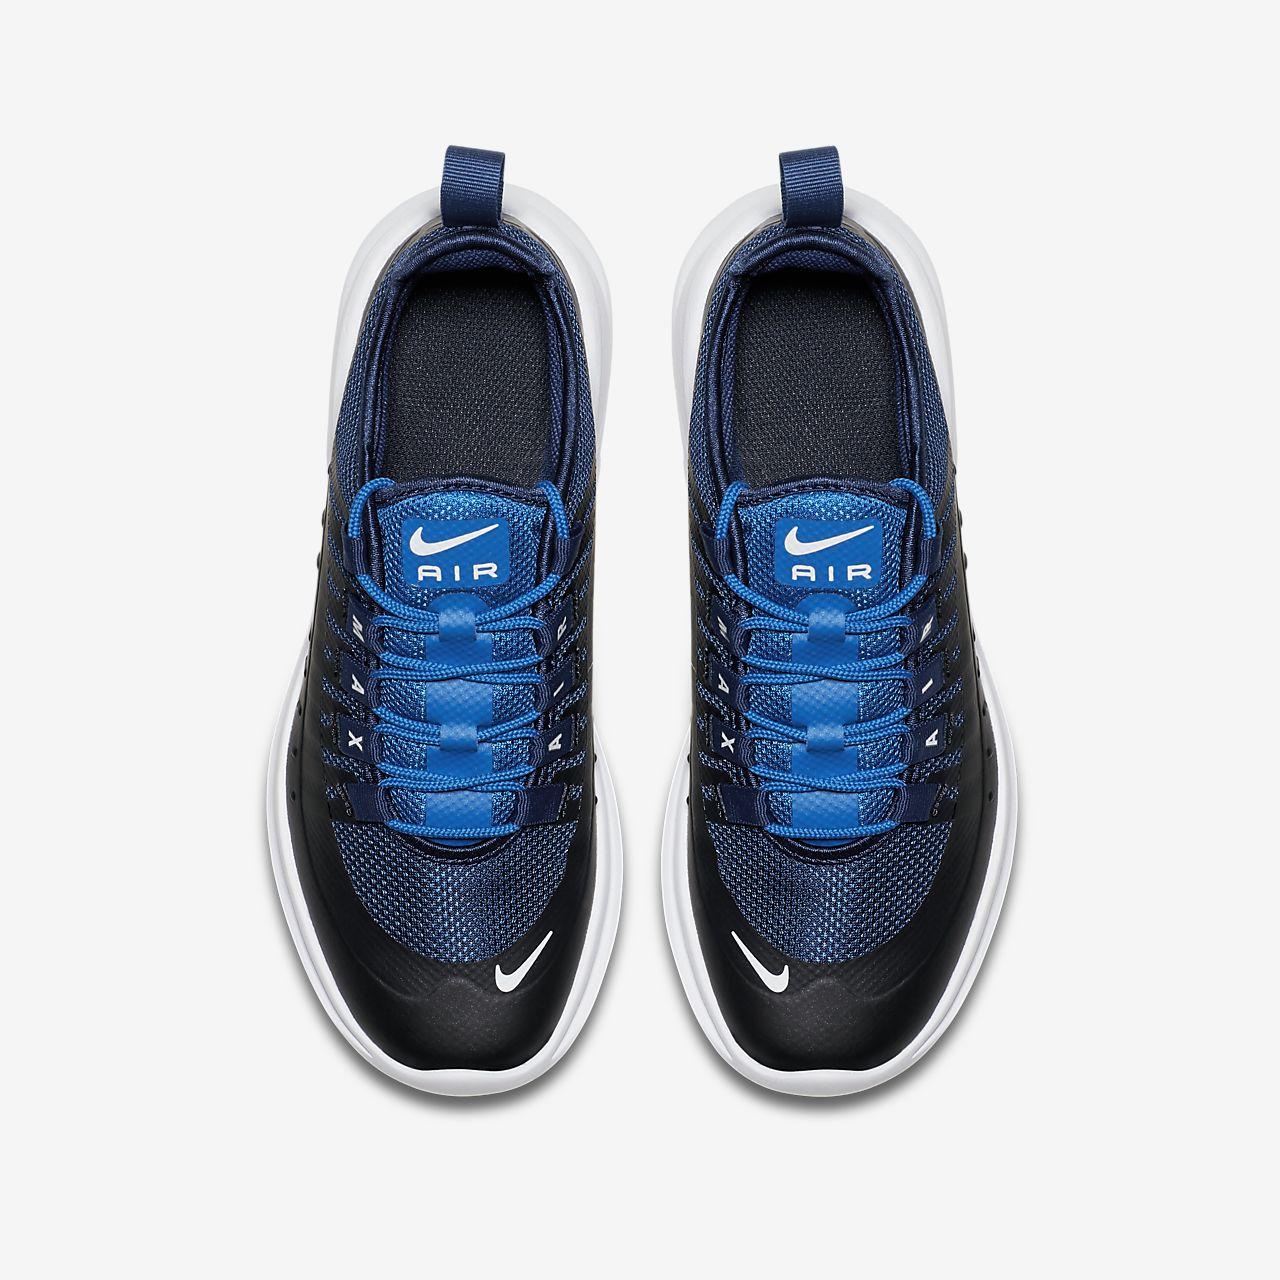 Axis Max Nike Feet At 65cac Vert On 5fTFWRw8q A51f6 Rose Air rCrqTX